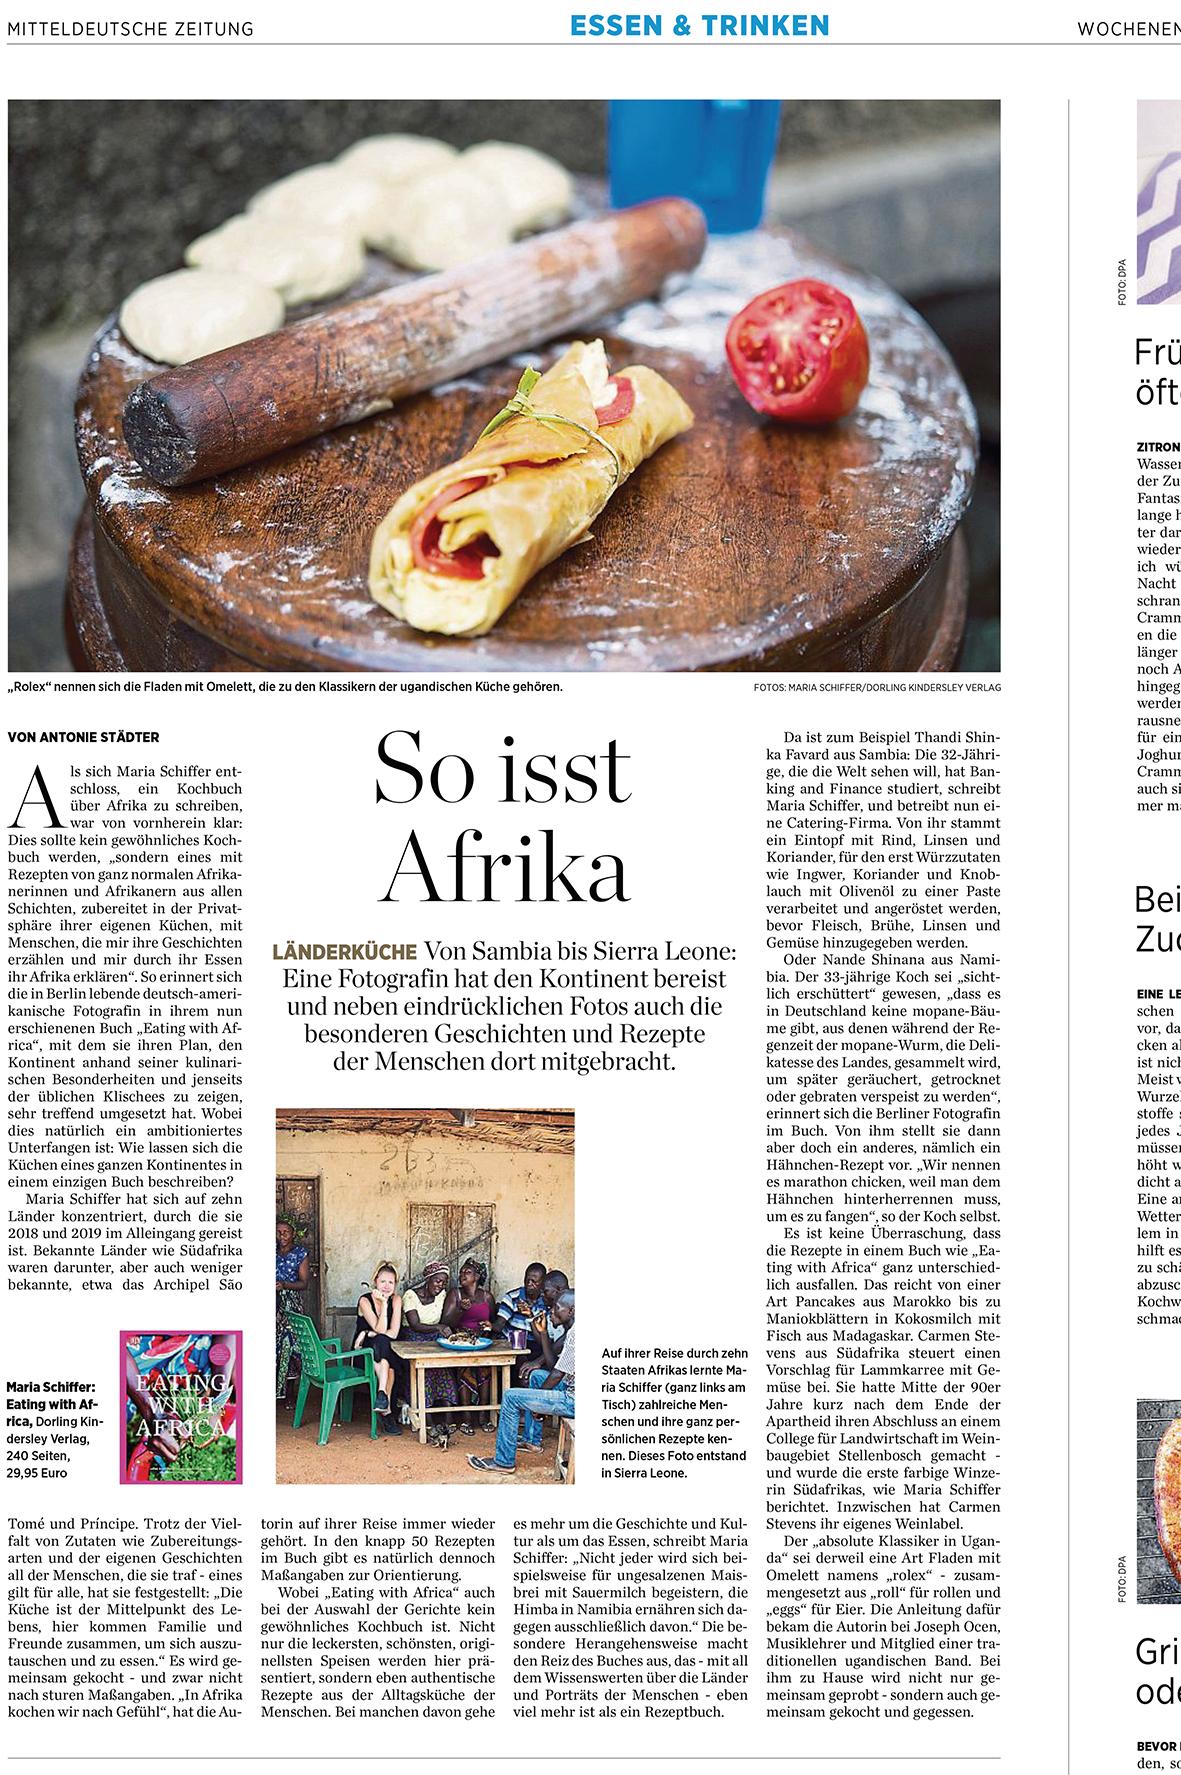 Artikel über Eating with Africa, Maria Schiffer, in Mittel deutsche Zeitung